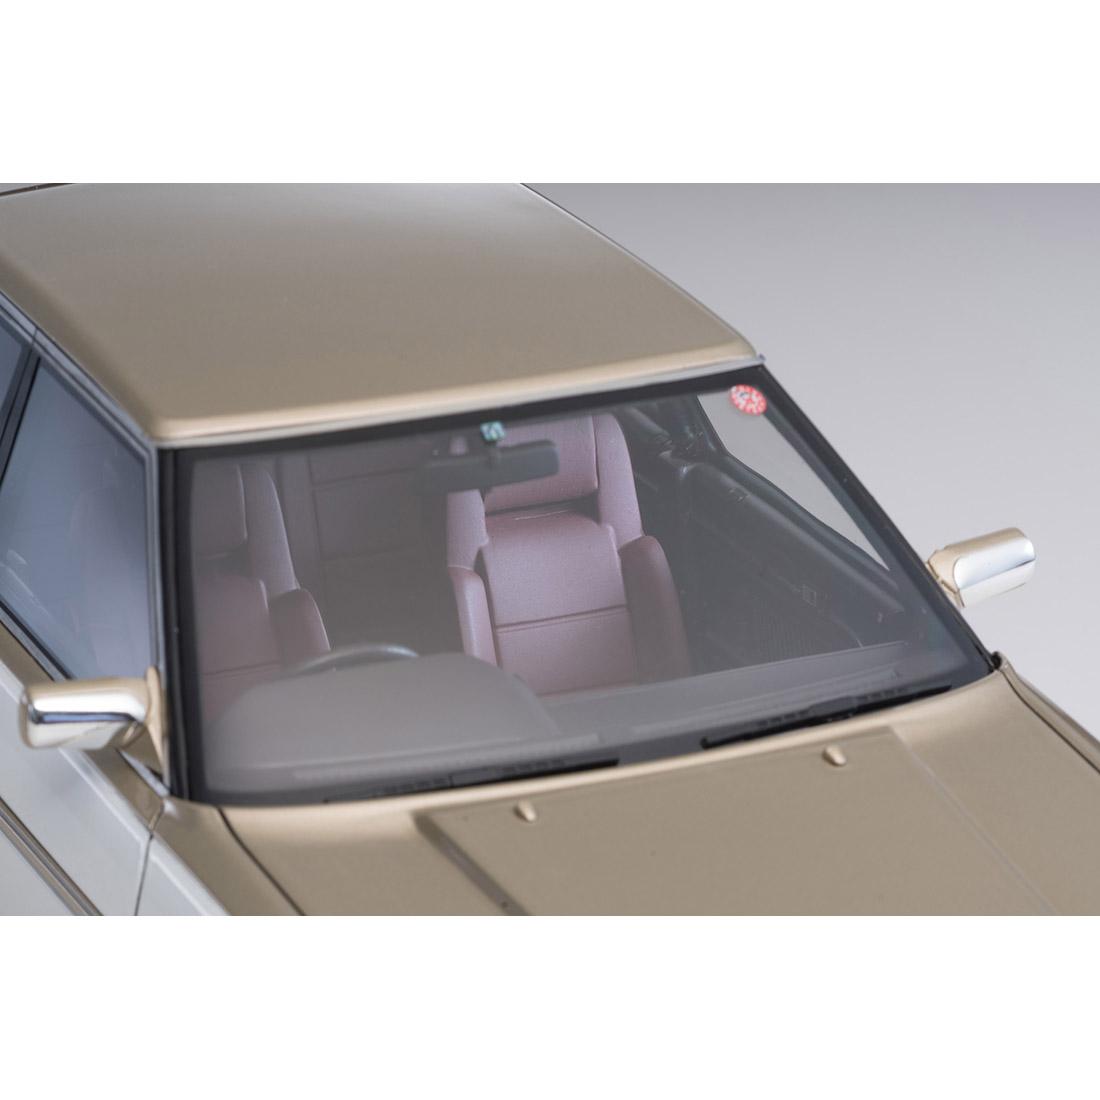 イグニッションモデル×トミーテック T-IG1809『クレスタ スーパールーセント エクシード(パールホワイト)』1/18 ミニカー-016